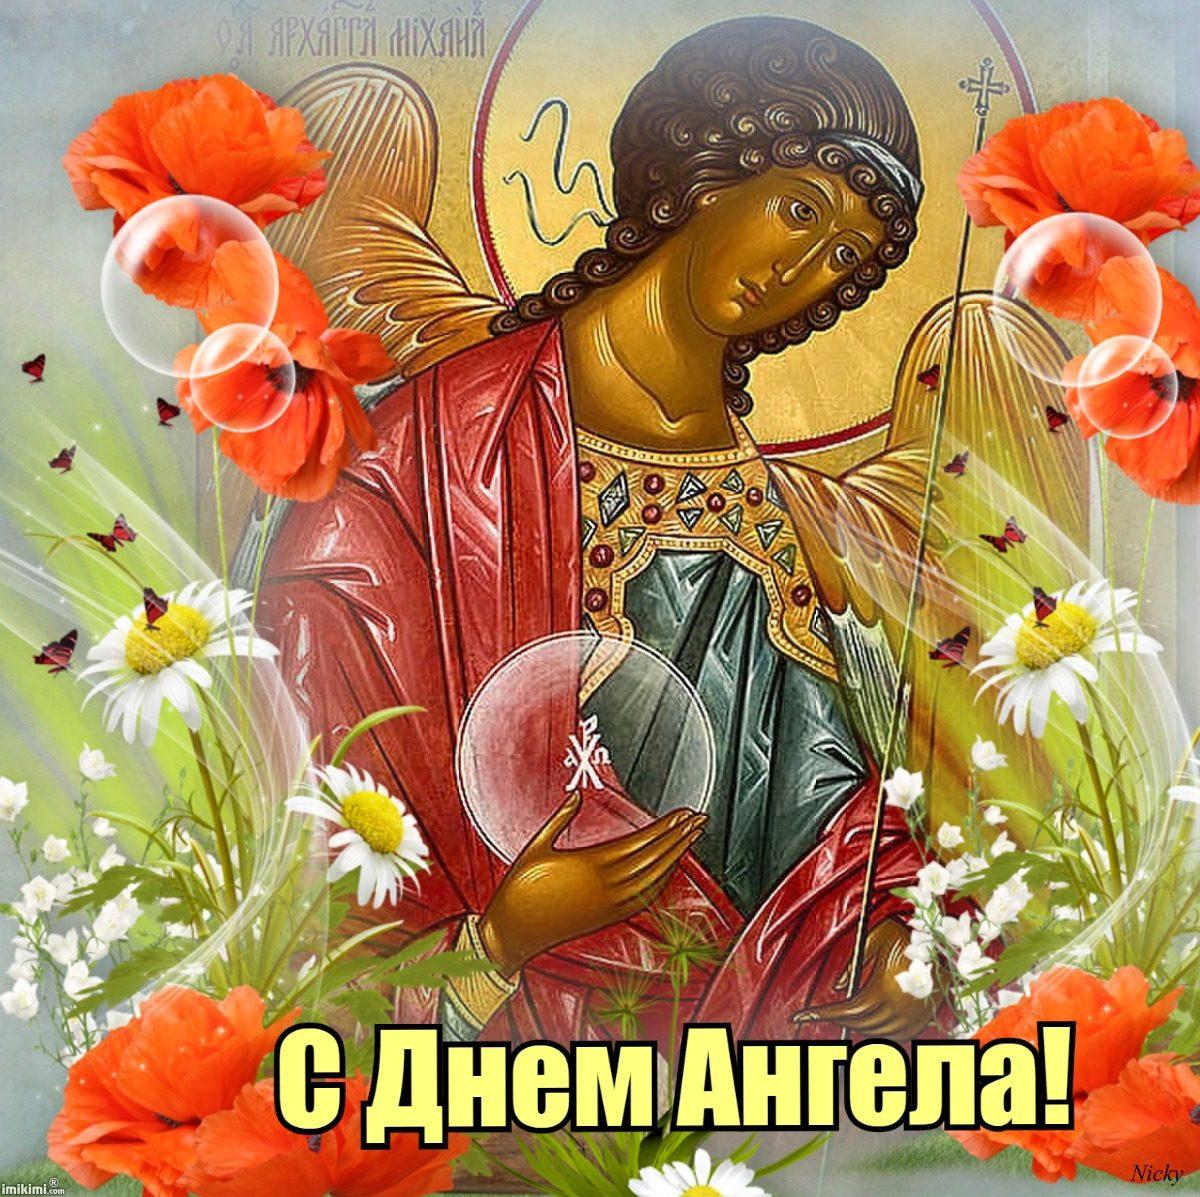 Поздравление александра с днем ангела 42